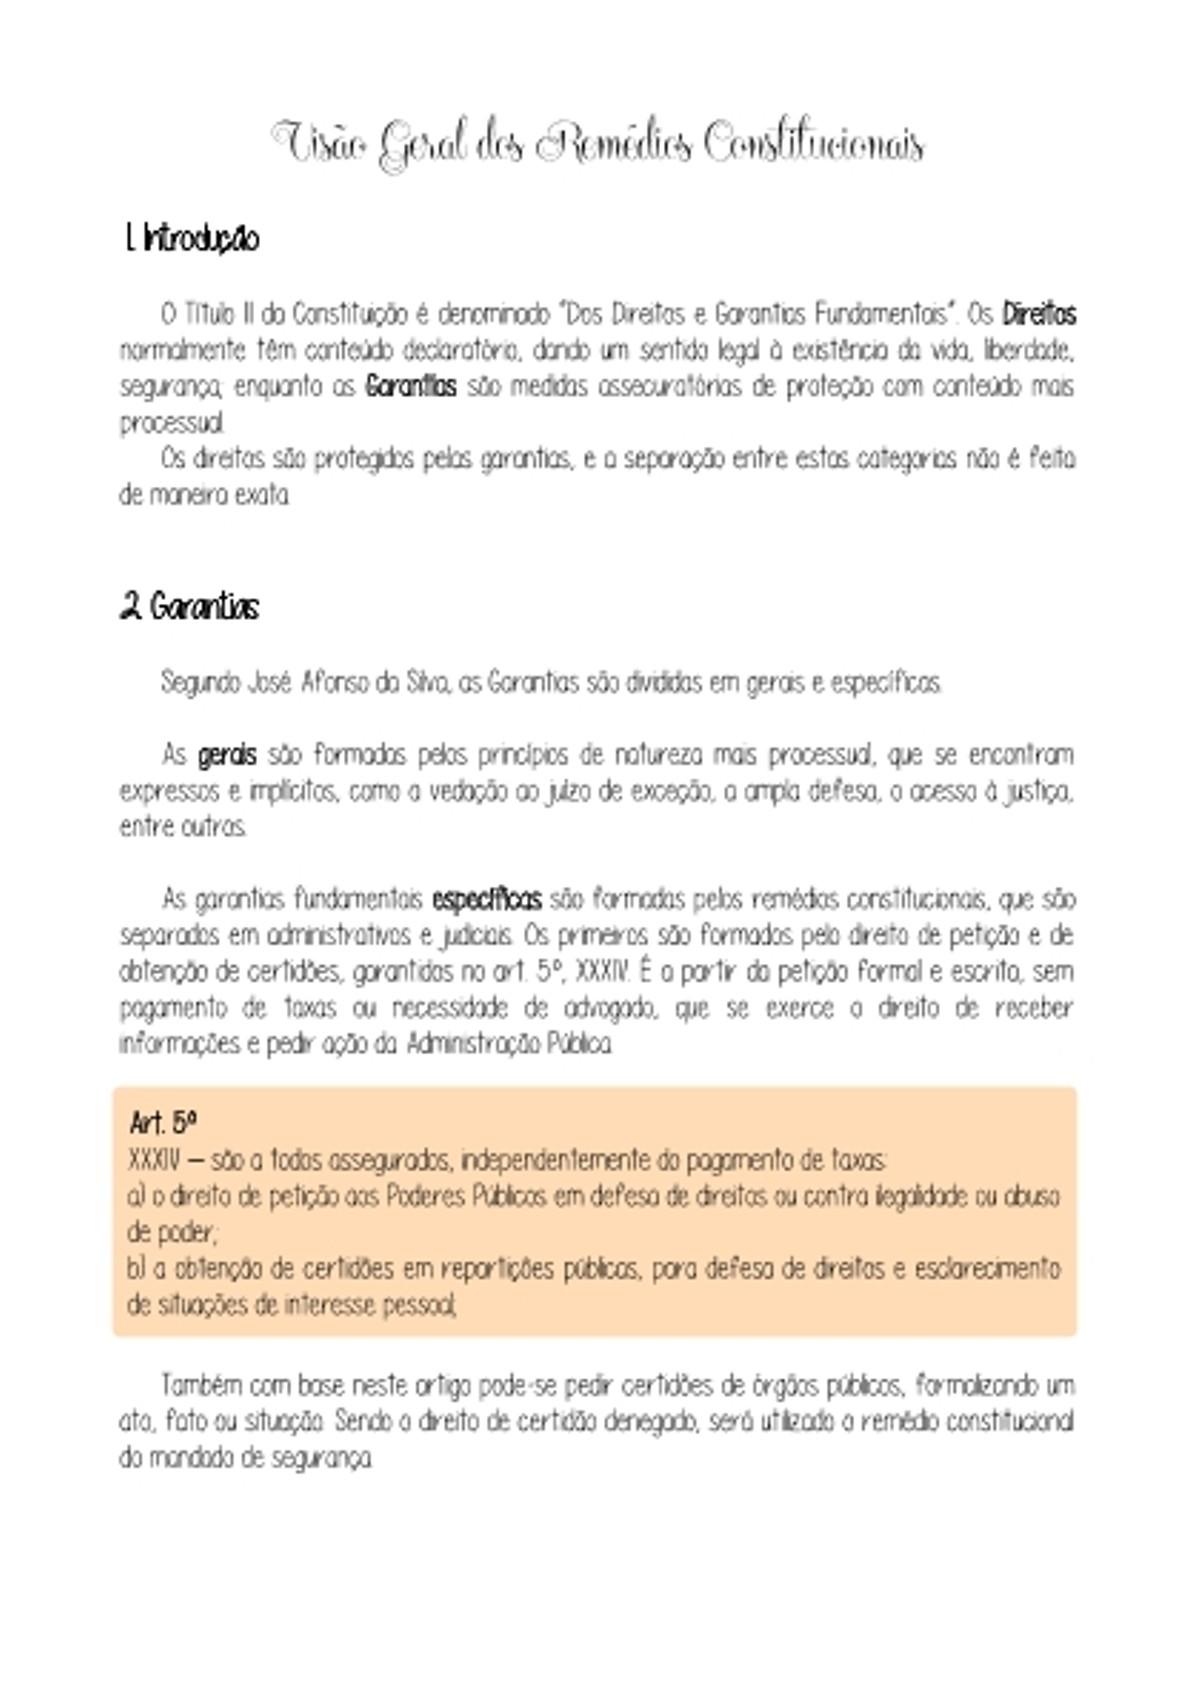 Pre-visualização do material 10 - Visão Geral dos Remédios Constitucionais - página 1